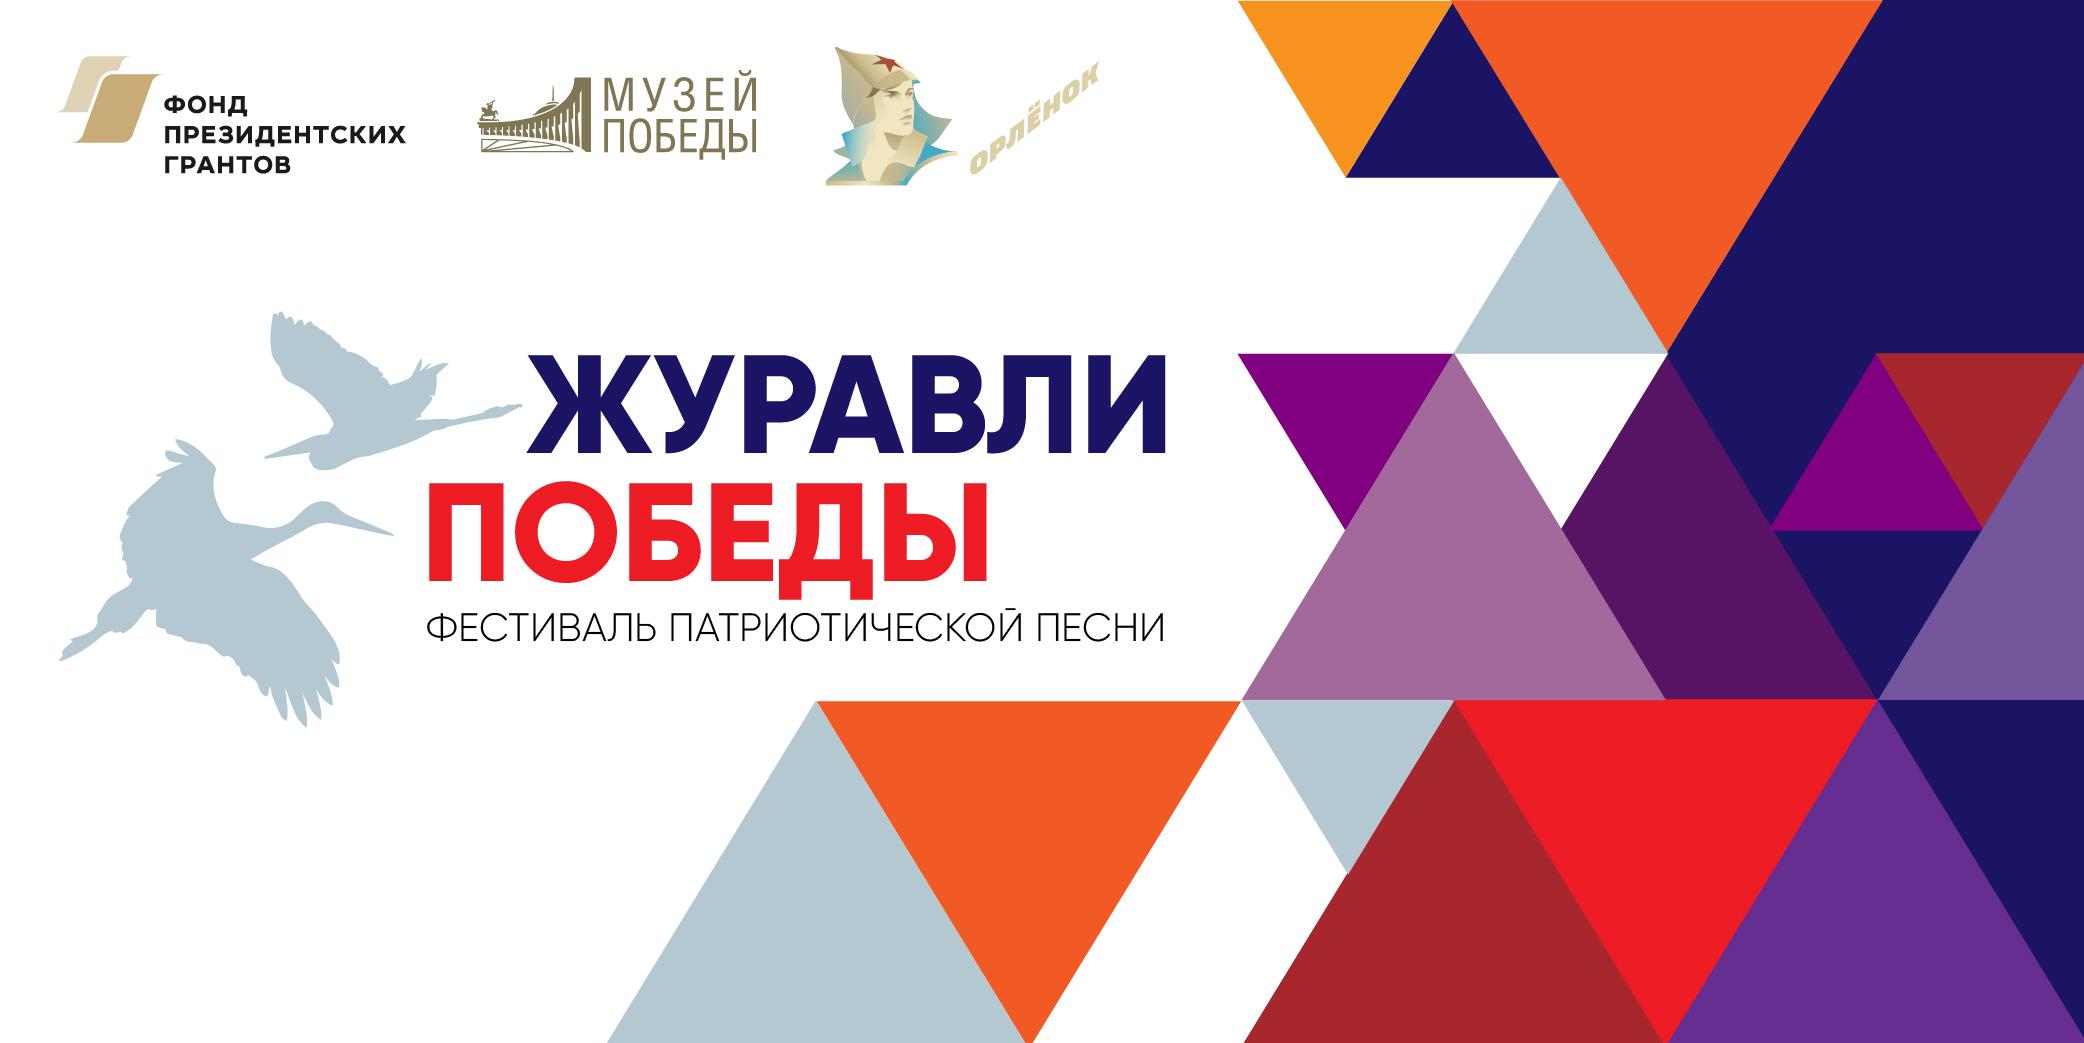 Тверские авторы могут отправить свои патриотические песни на всероссийский конкурс